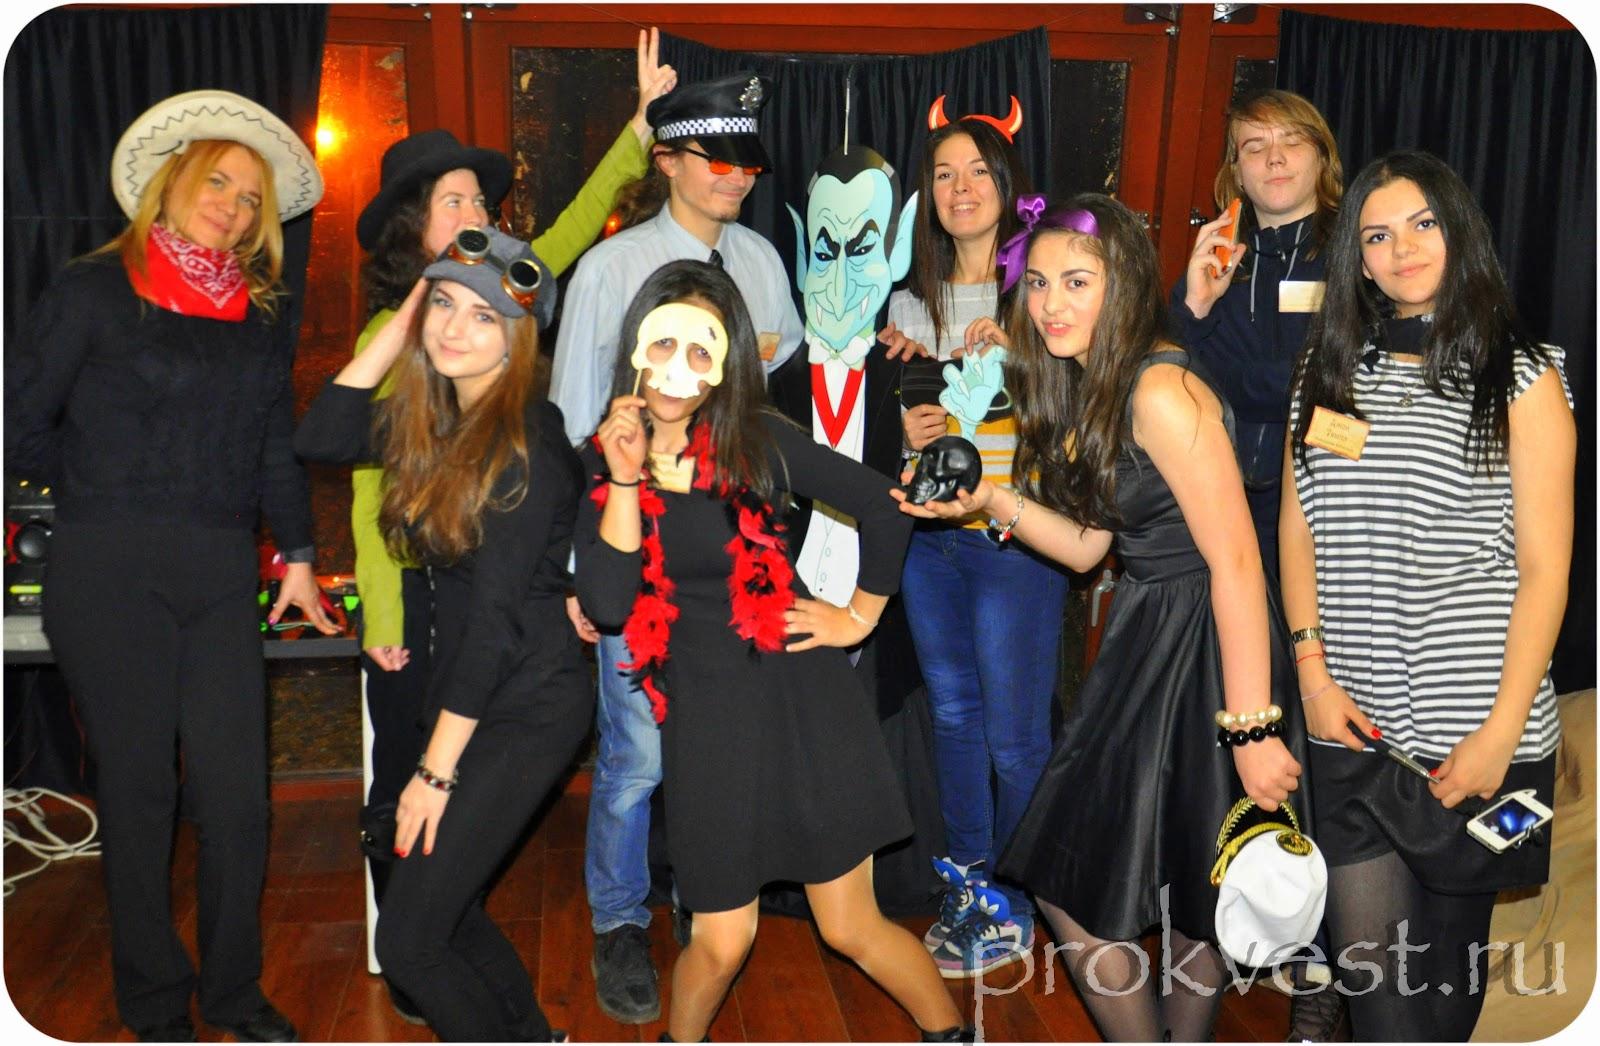 """Хэллоуинский живой квест """"Слуга Тьмы"""", 31.10.2015"""